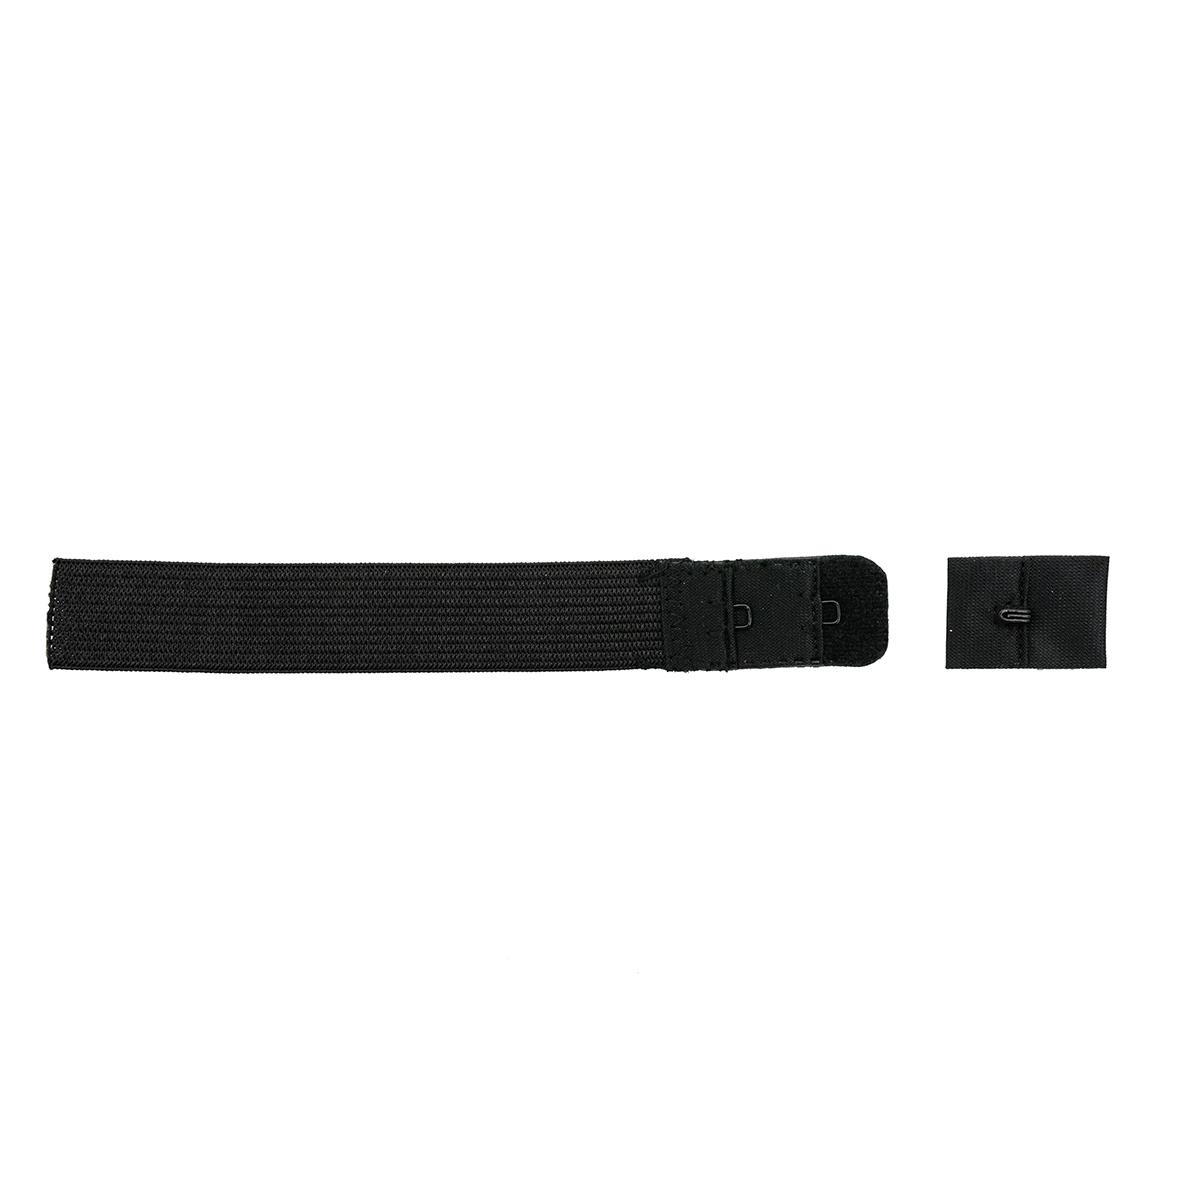 Застежка для бюстгальтера 19мм, 1 крючок, 1 шт., черный 850101, Hobby&Pro